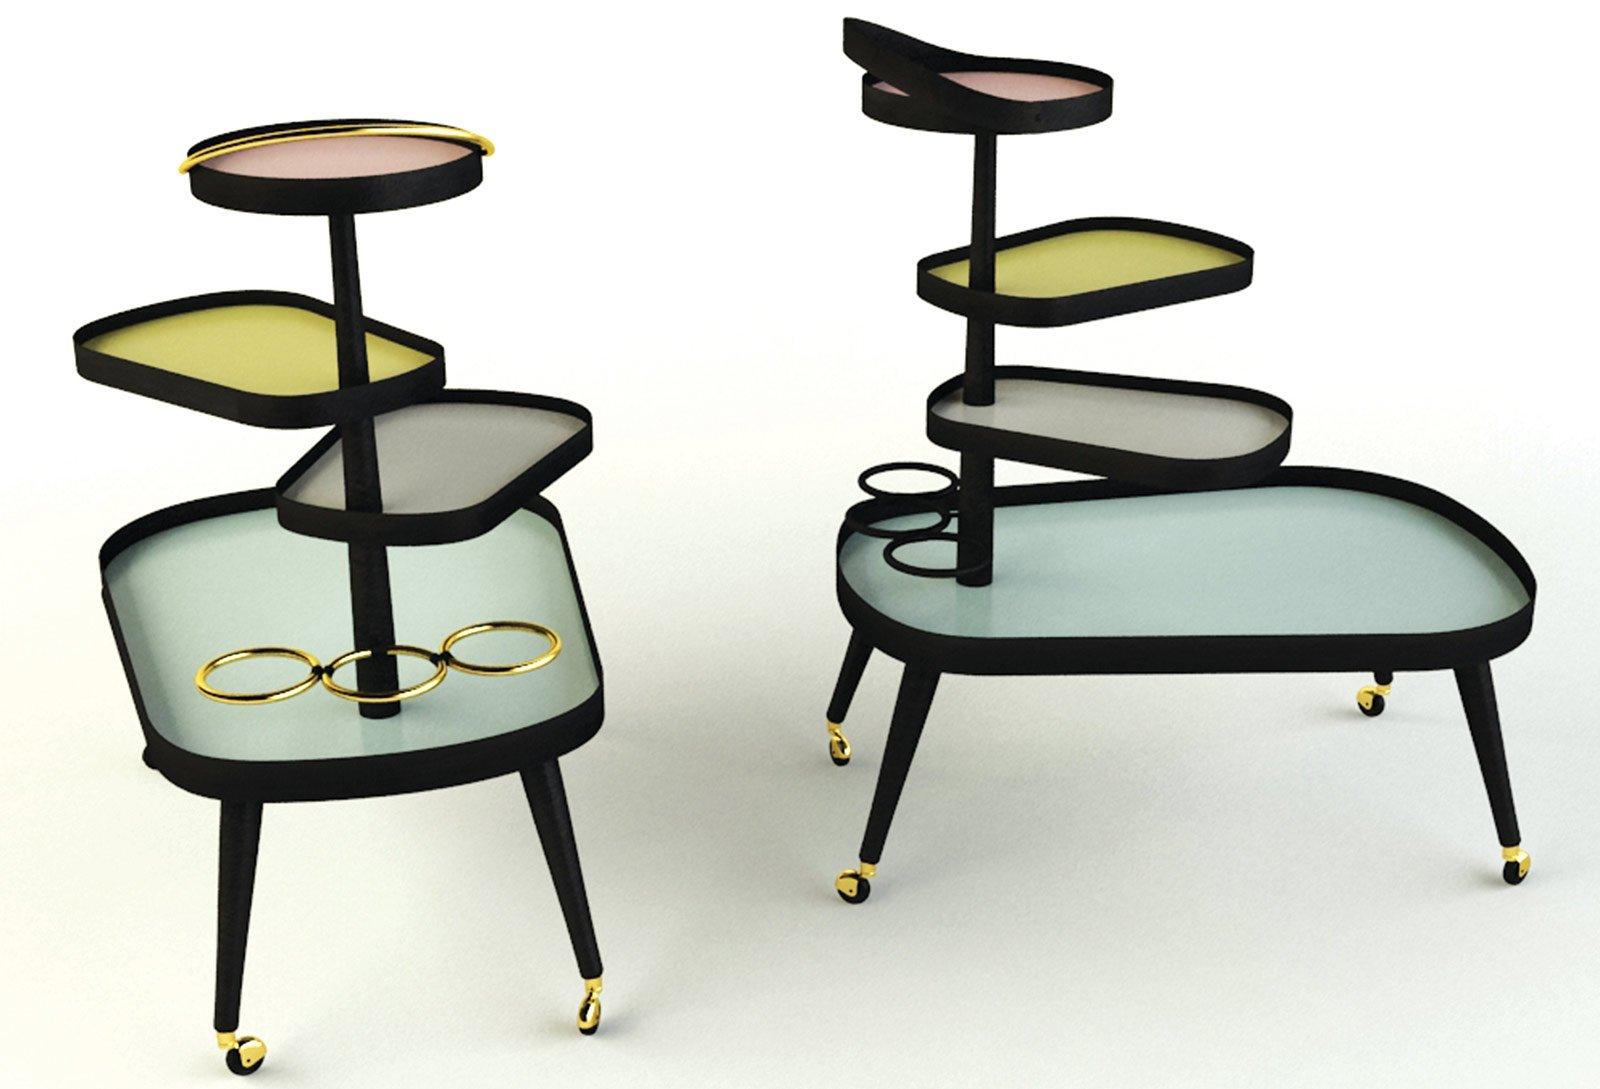 Tavolini per il soggiorno tendenze dal salone del mobile - Tavolini vetro e ottone ...